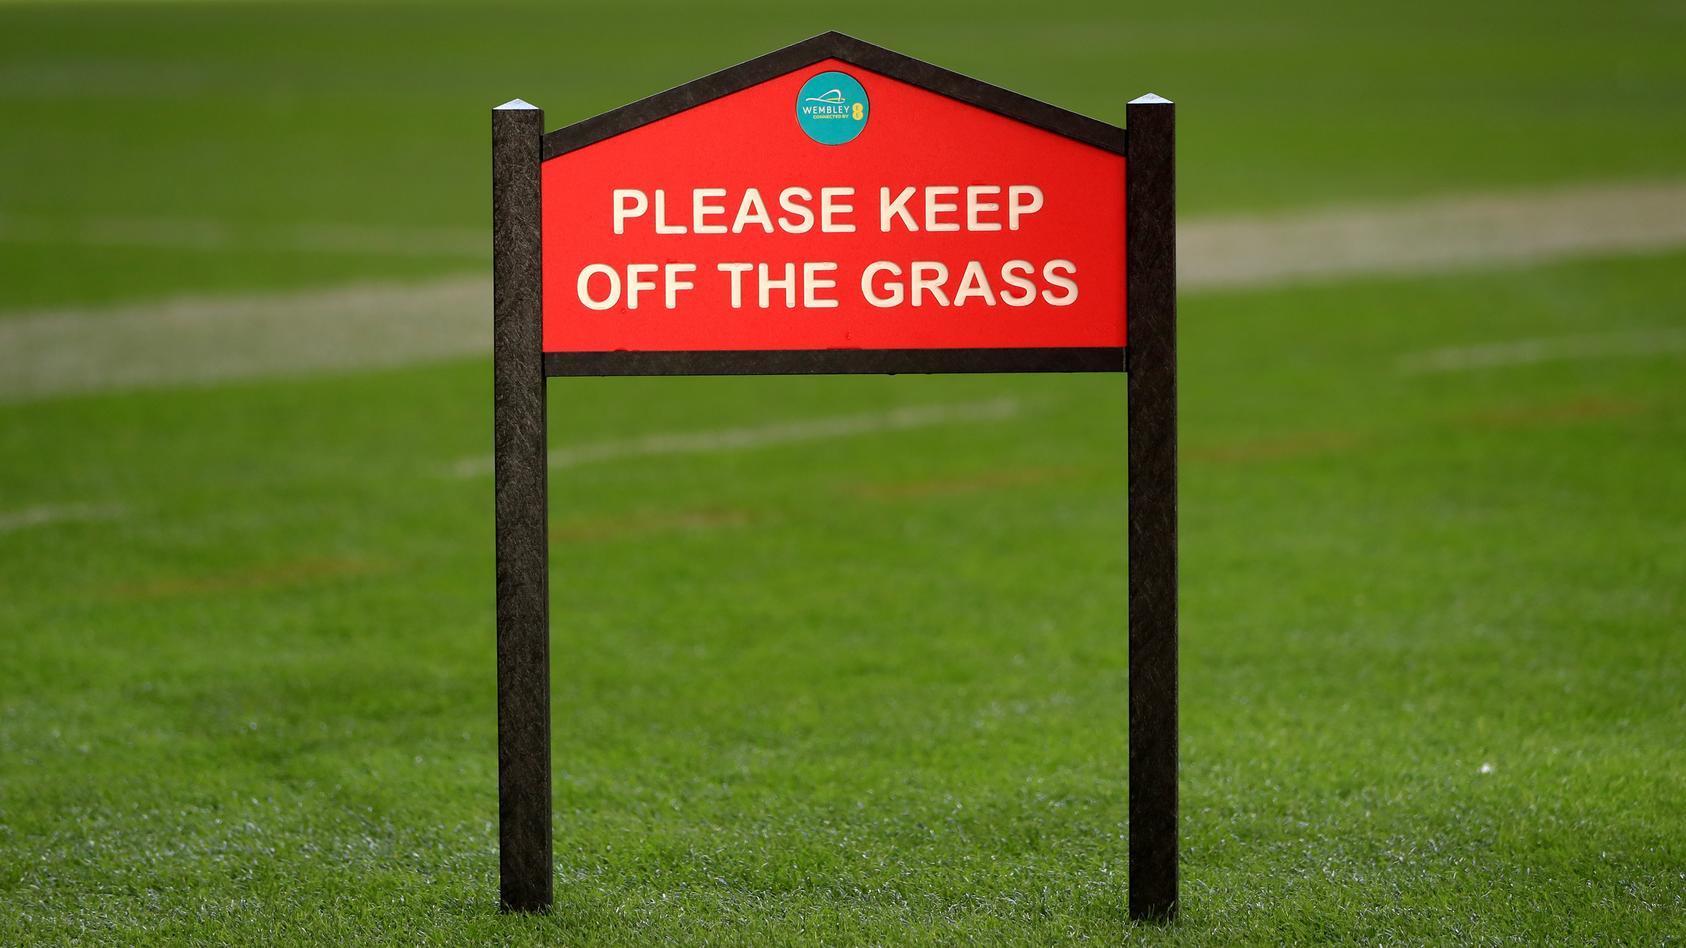 Der heilige Rasen von Wembley